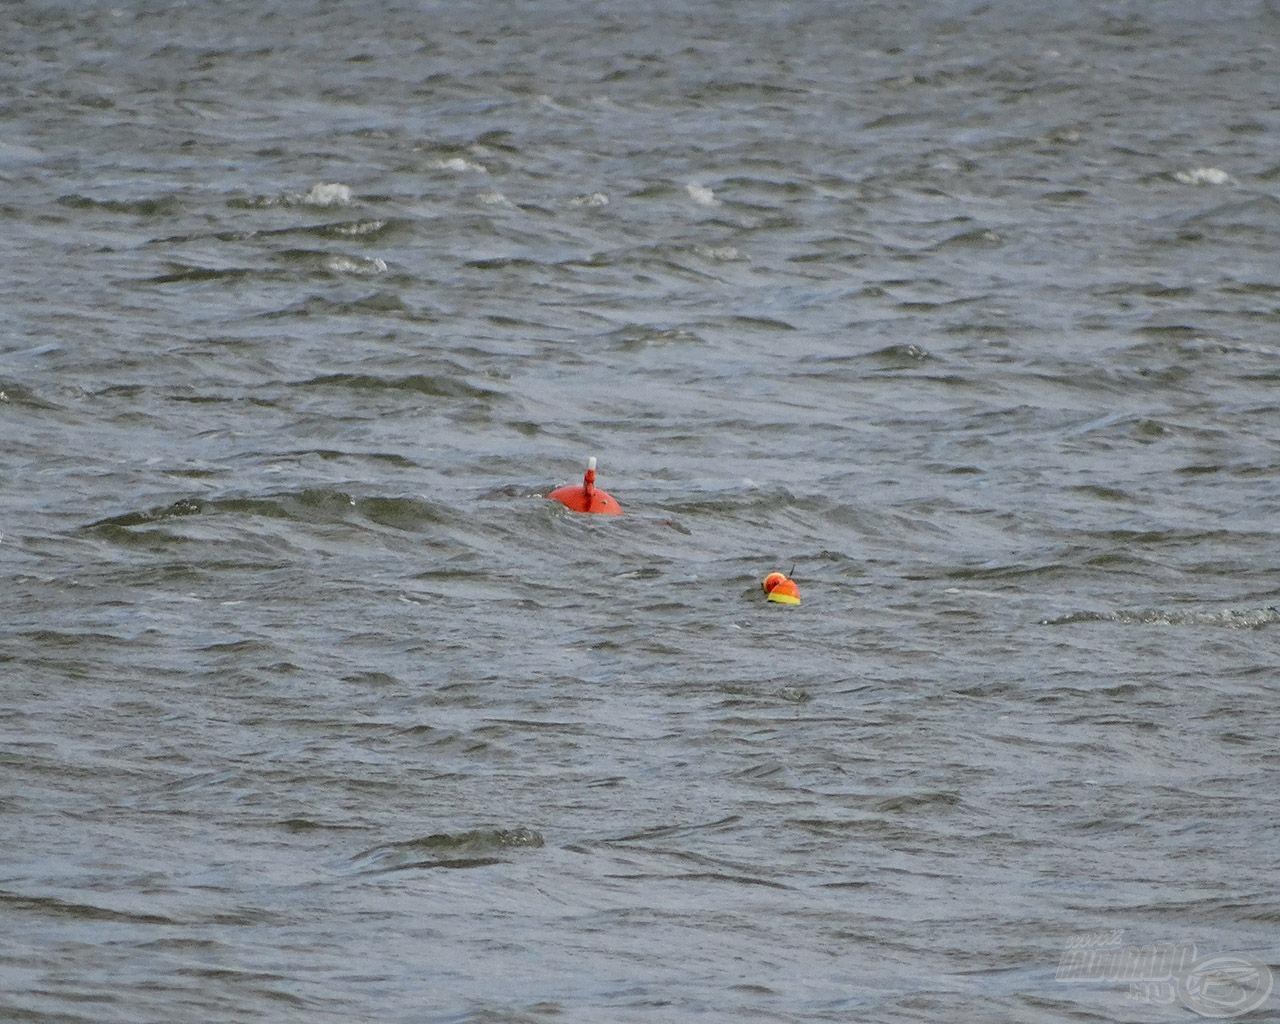 Heves hullámzás -> zéró zajongó csörgő-zörgő csónak -> harcsás események. Ez a képlet